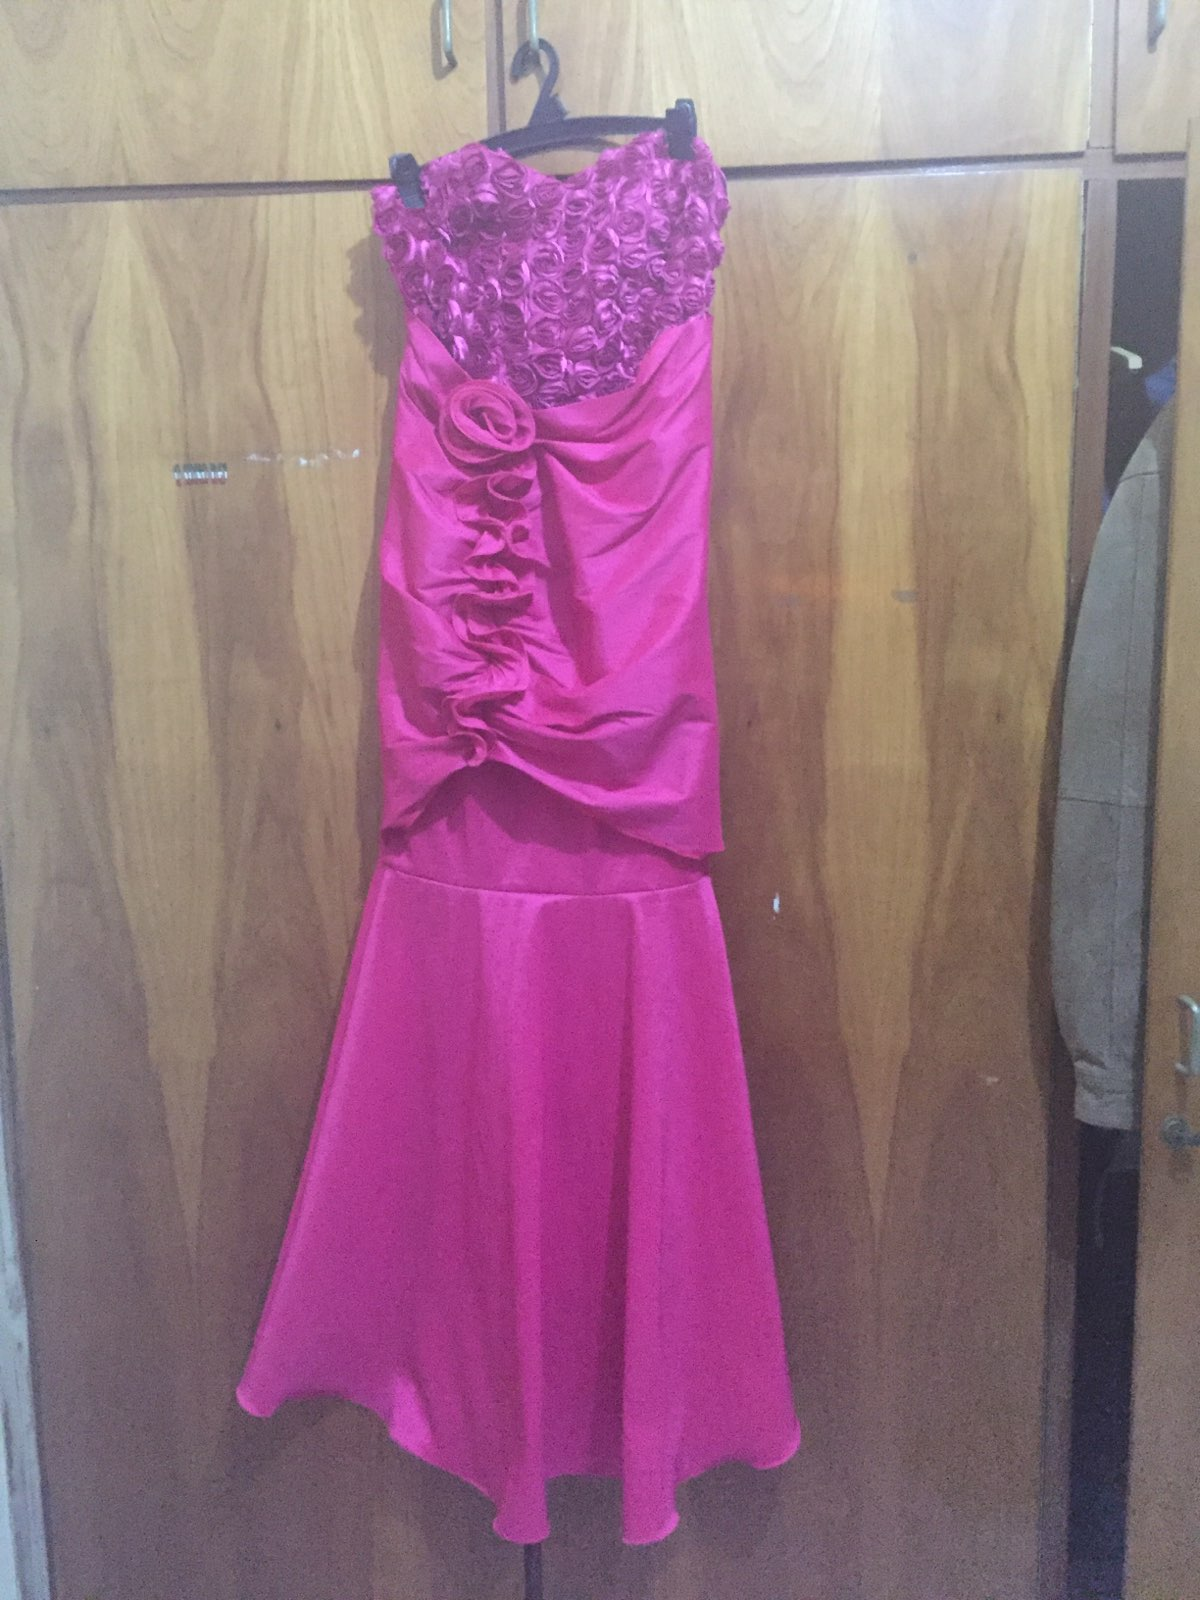 Vistoso Donde Comprar Vestidos De Fiesta Baratos Viñeta - Vestido de ...